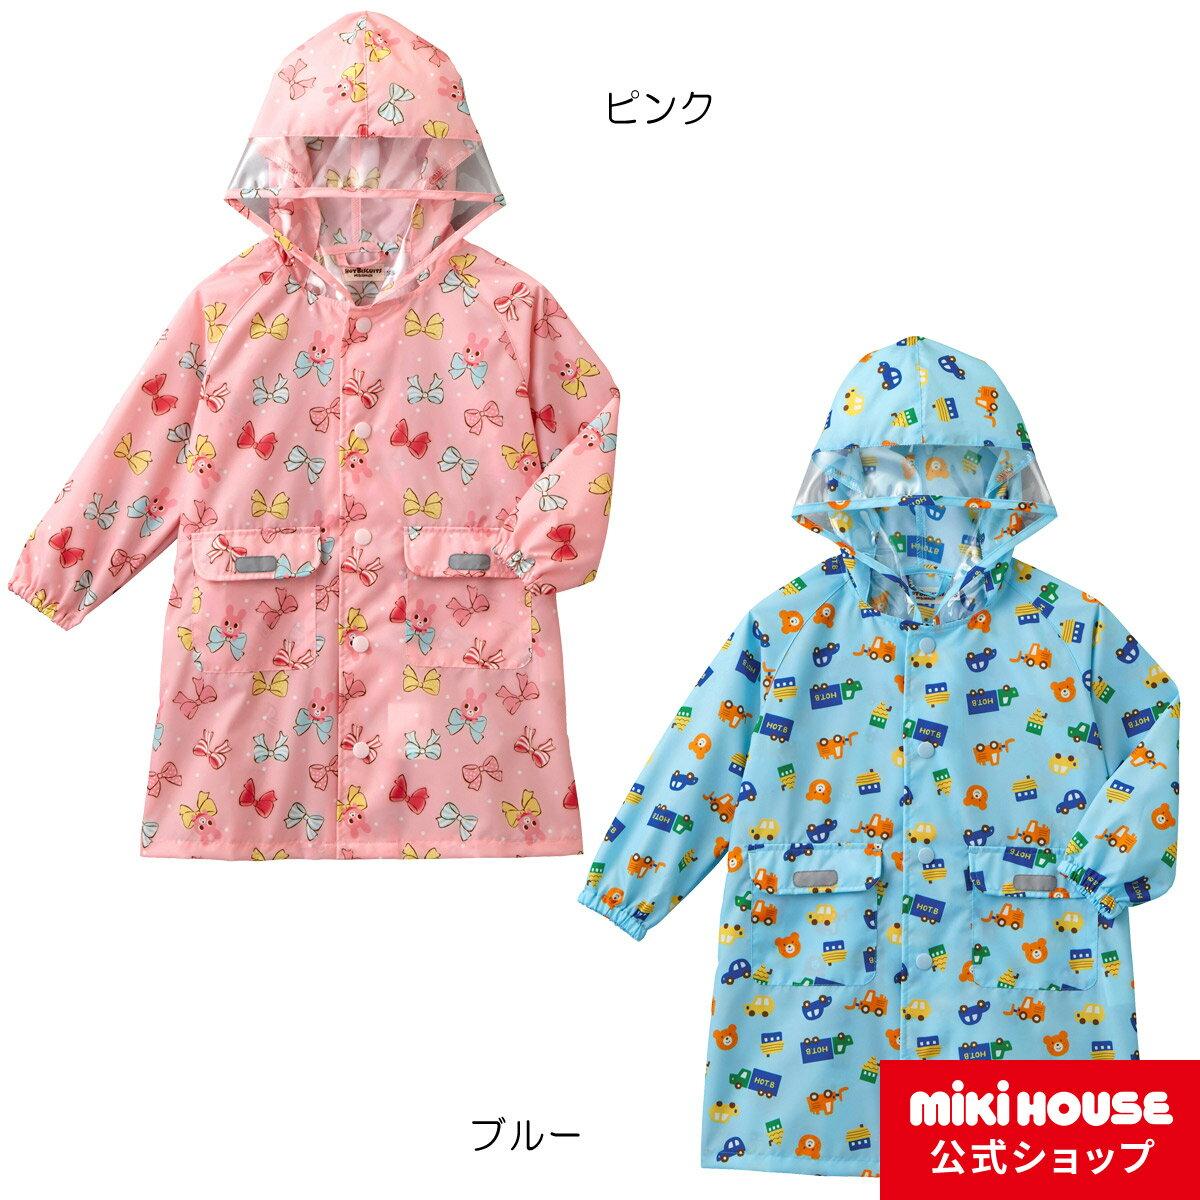 ミキハウス ホットビスケッツ mikihouse 働く車&リボン☆レインコート〈SS-L(80cm-120cm)〉